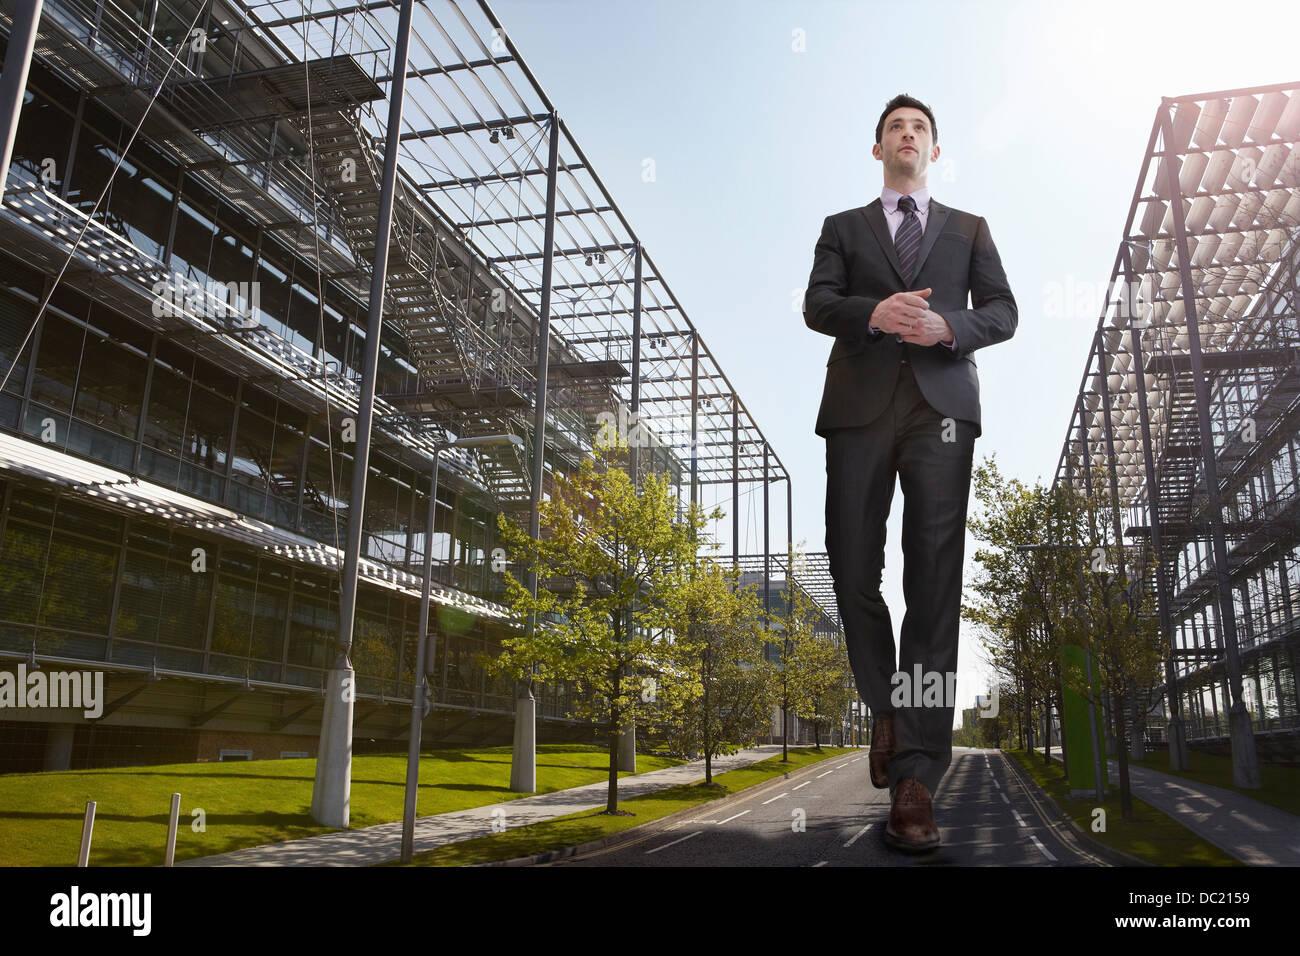 Empresario sobredimensionado caminando en carretera, vista de ángulo bajo Imagen De Stock